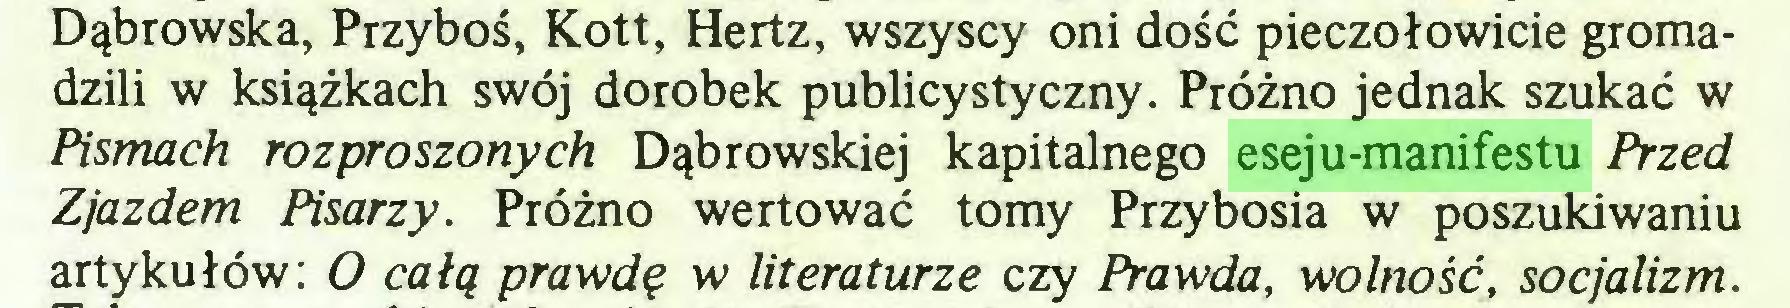 (...) Dąbrowska, Przyboś, Kott, Hertz, wszyscy oni dość pieczołowicie gromadzili w książkach swój dorobek publicystyczny. Próżno jednak szukać w Pismach rozproszonych Dąbrowskiej kapitalnego eseju-manifestu Przed Zjazdem Pisarzy. Próżno wertować tomy Przybosia w poszukiwaniu artykułów: O całą prawdę w literaturze czy Prawda, wolność, socjalizm...